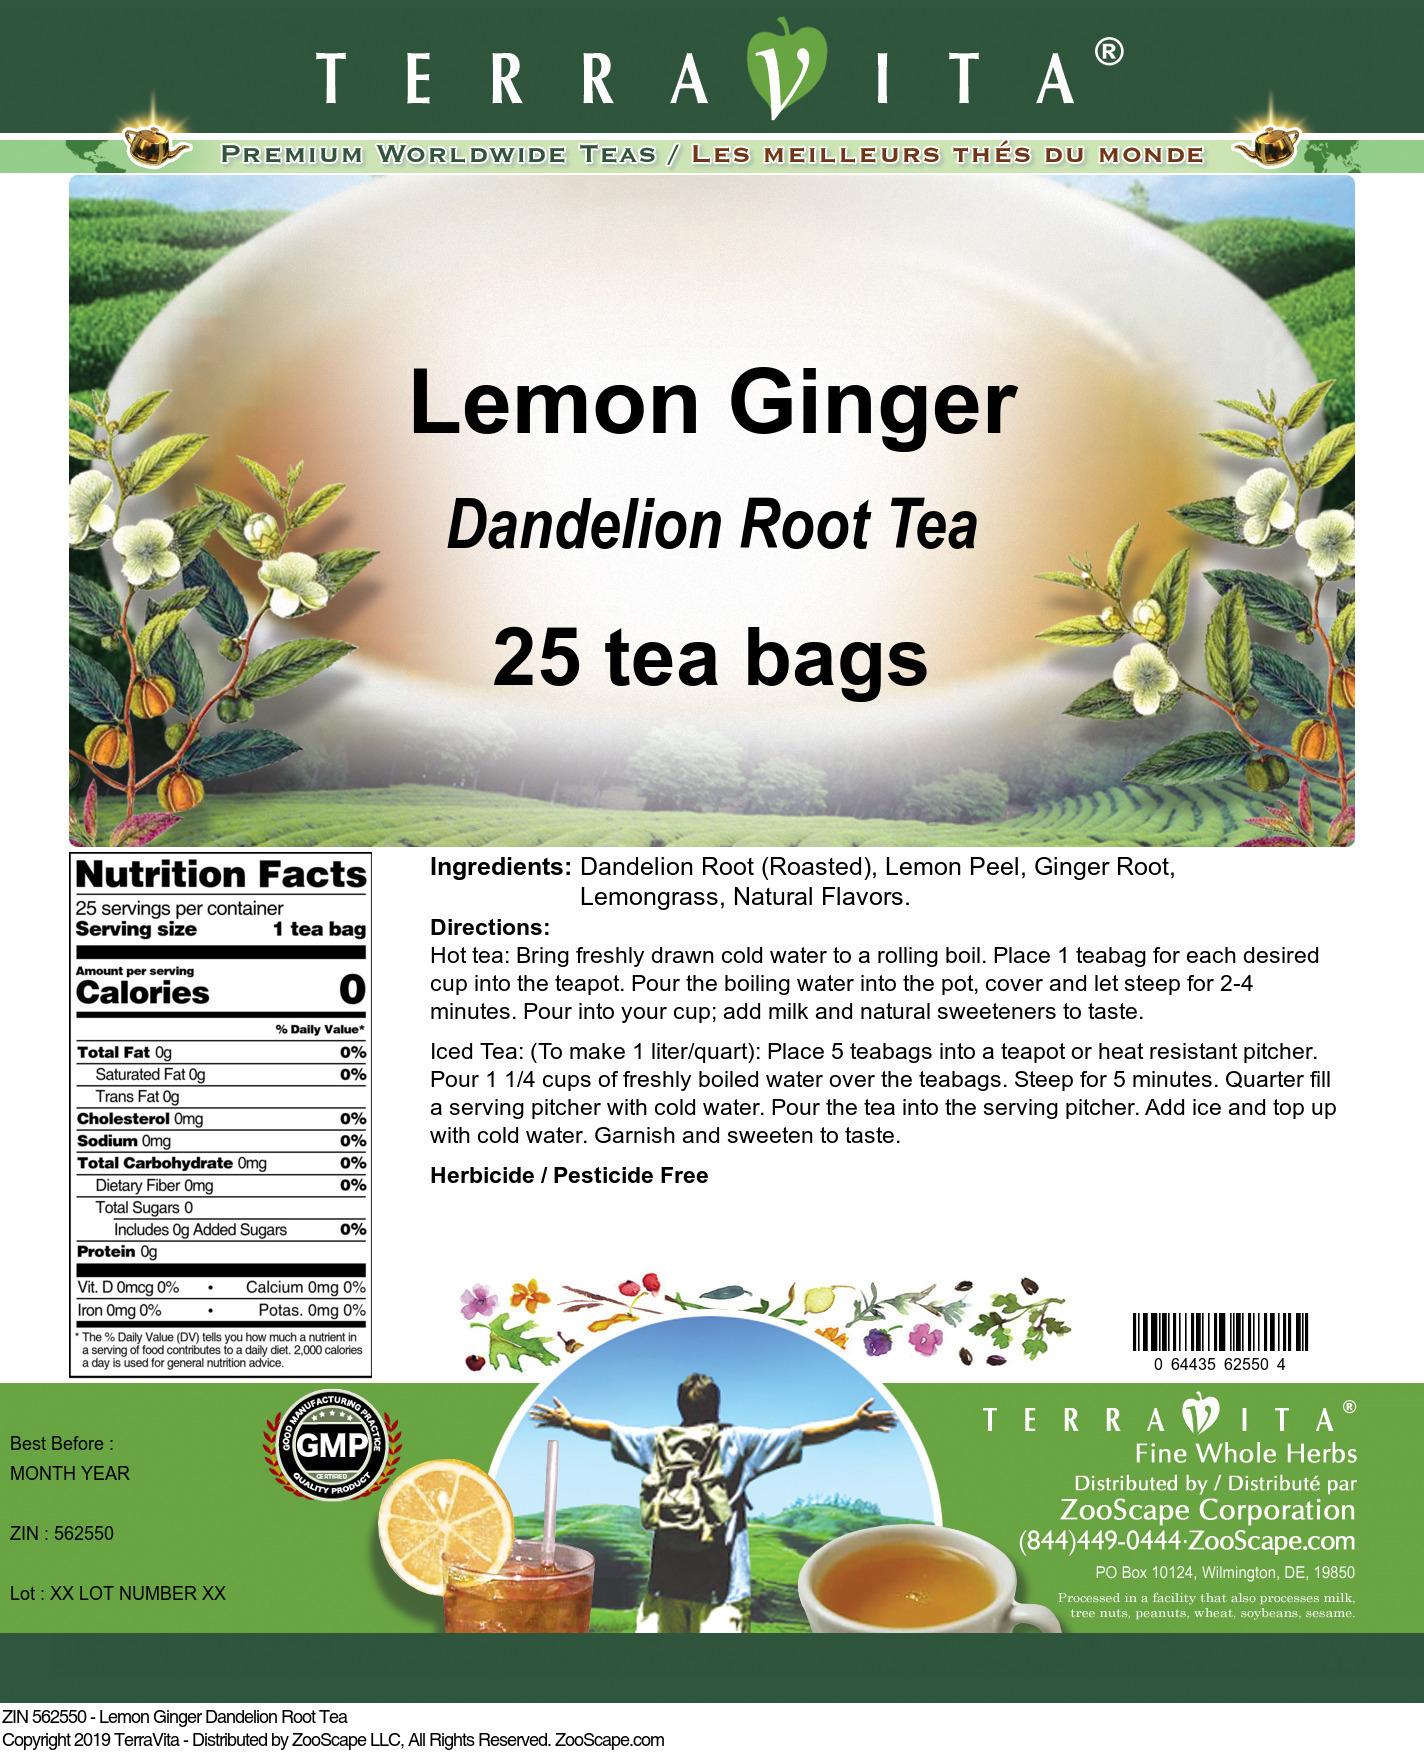 Lemon Ginger Dandelion Root